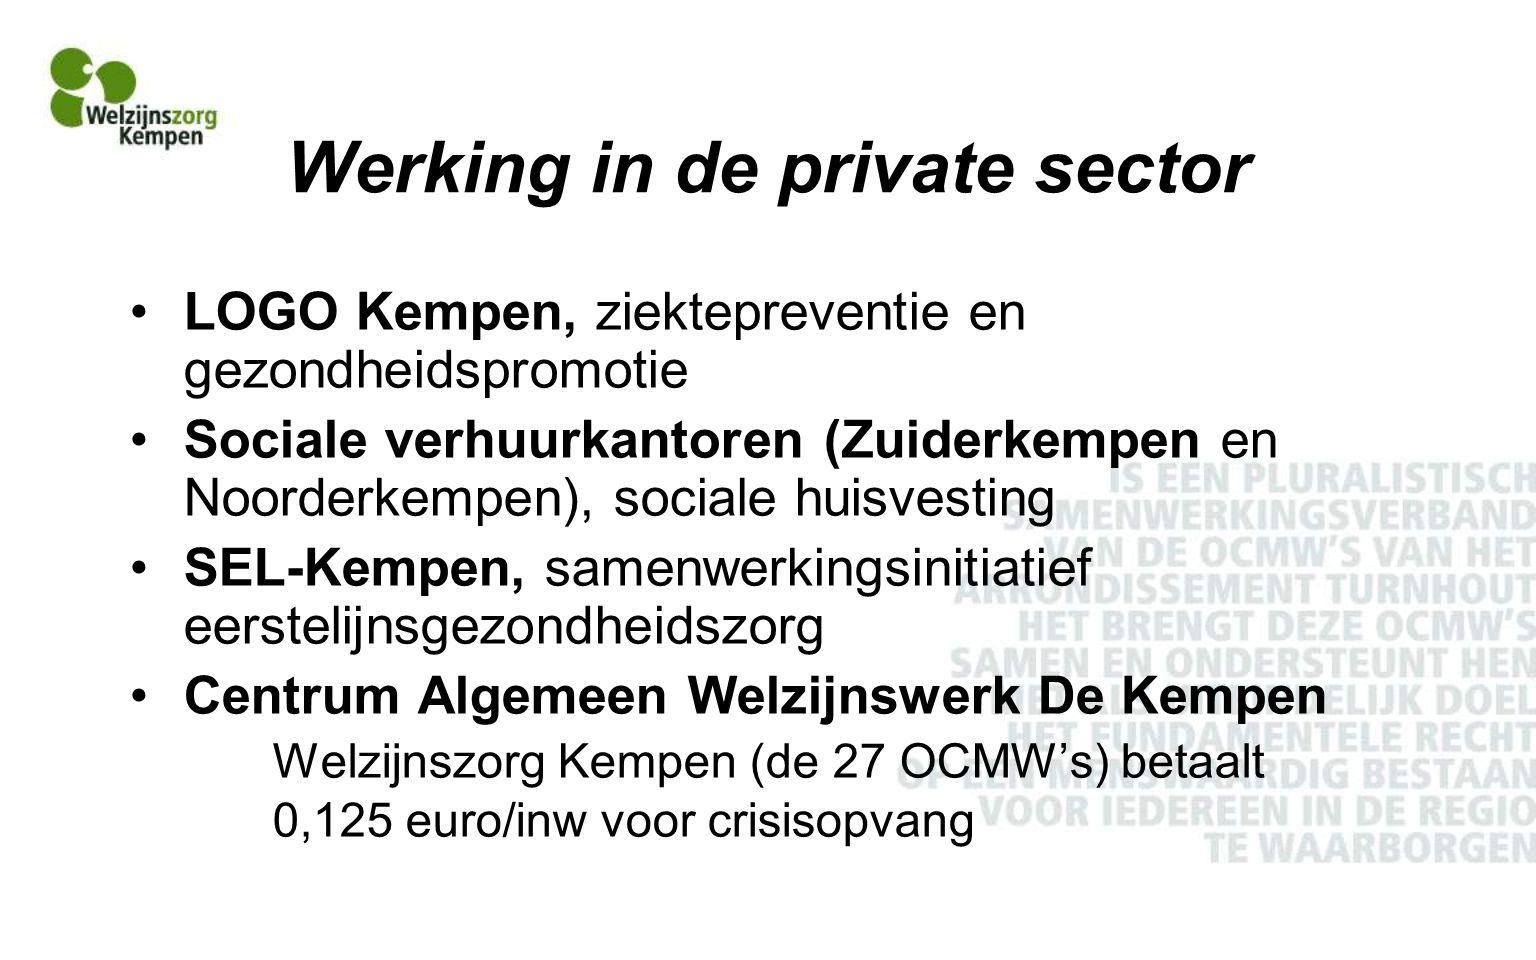 Werking in de private sector LOGO Kempen, ziektepreventie en gezondheidspromotie Sociale verhuurkantoren (Zuiderkempen en Noorderkempen), sociale huisvesting SEL-Kempen, samenwerkingsinitiatief eerstelijnsgezondheidszorg Centrum Algemeen Welzijnswerk De Kempen Welzijnszorg Kempen (de 27 OCMW's) betaalt 0,125 euro/inw voor crisisopvang